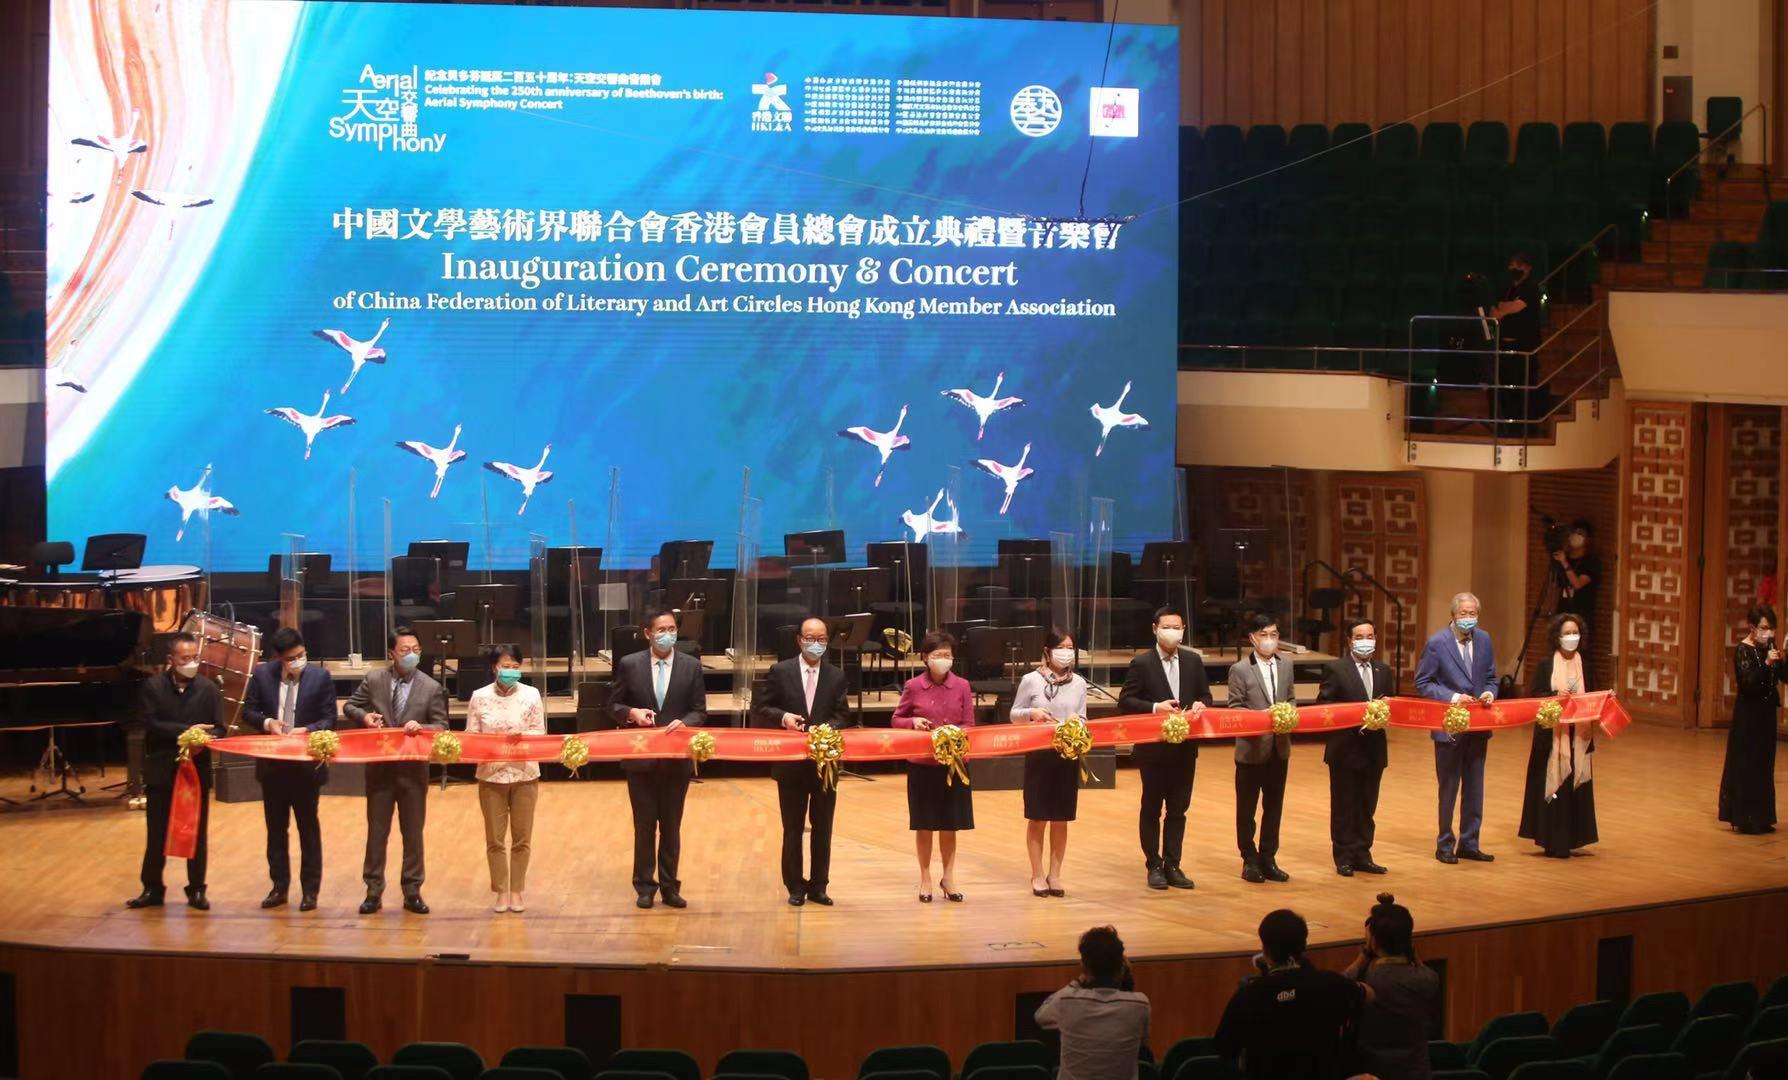 中國文聯香港會員總會成立典禮 - 香港 - 香港文匯網